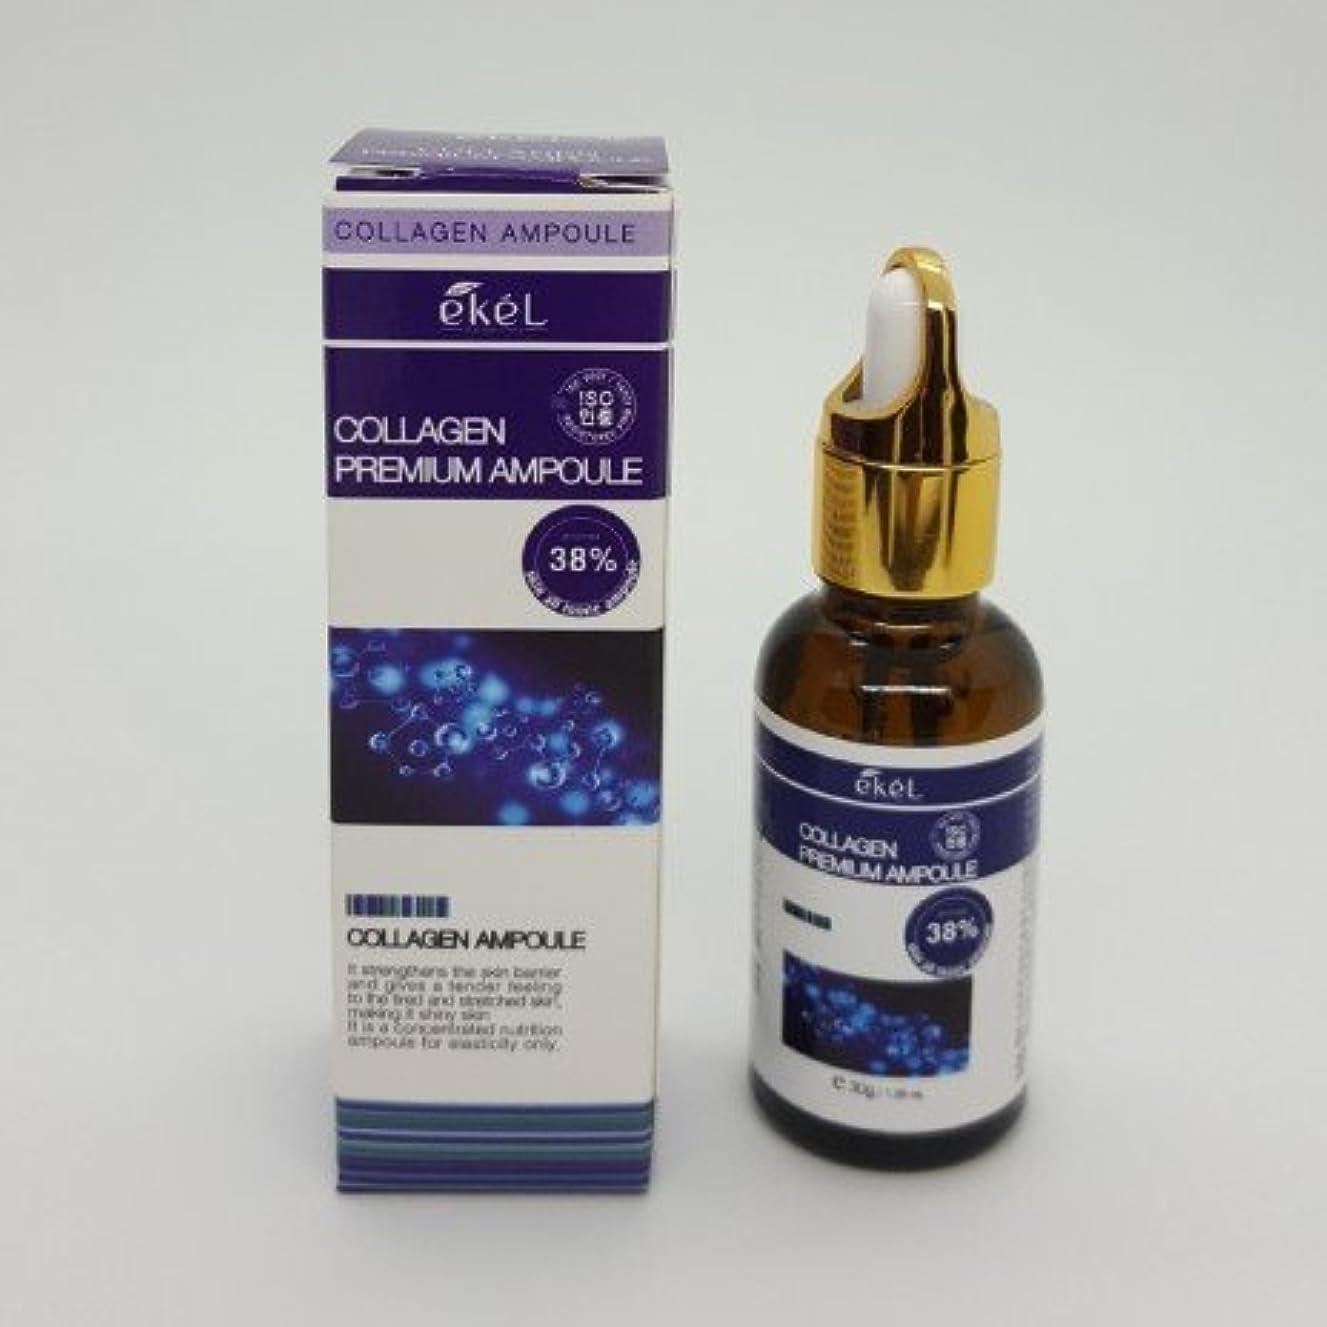 安らぎ有力者北東[EKEL] Collagen Premium Ampoule 38% - 30g